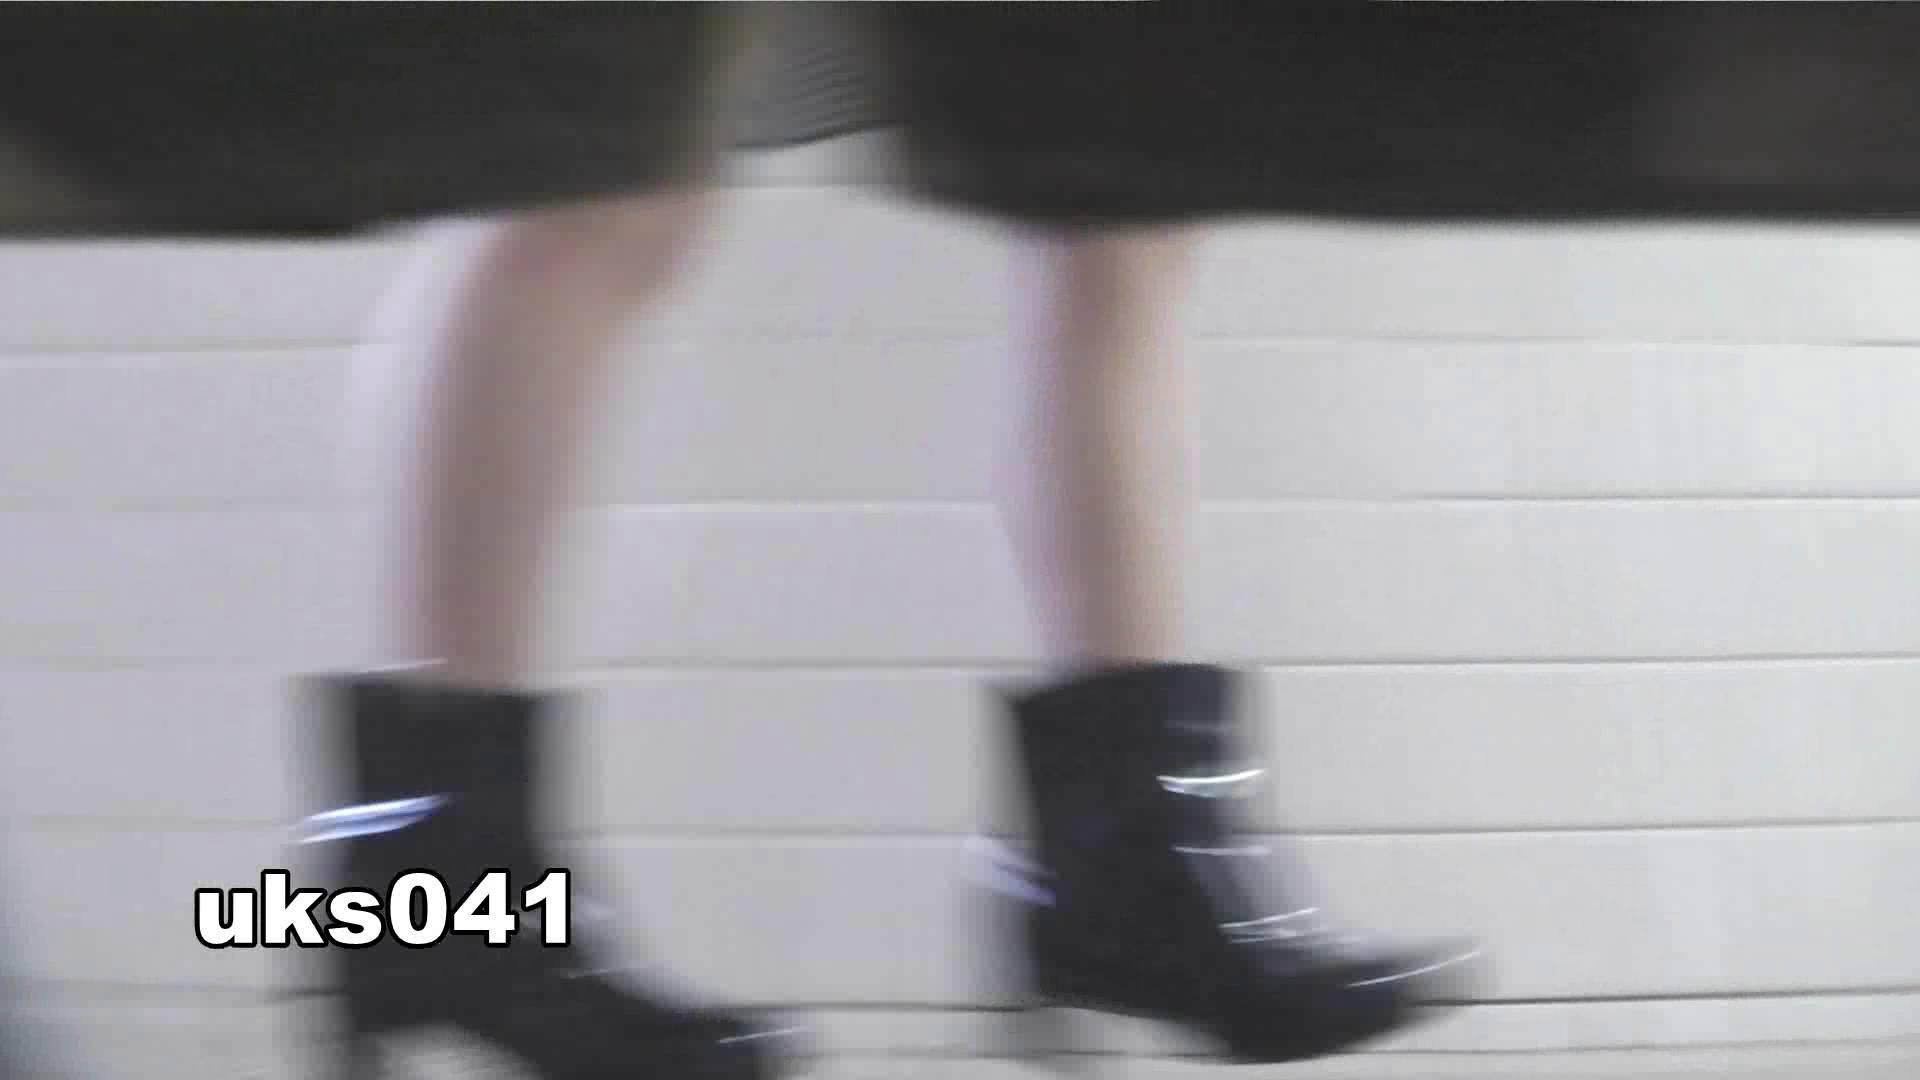 【美しき個室な世界】 vol.041 高画質  77枚 39